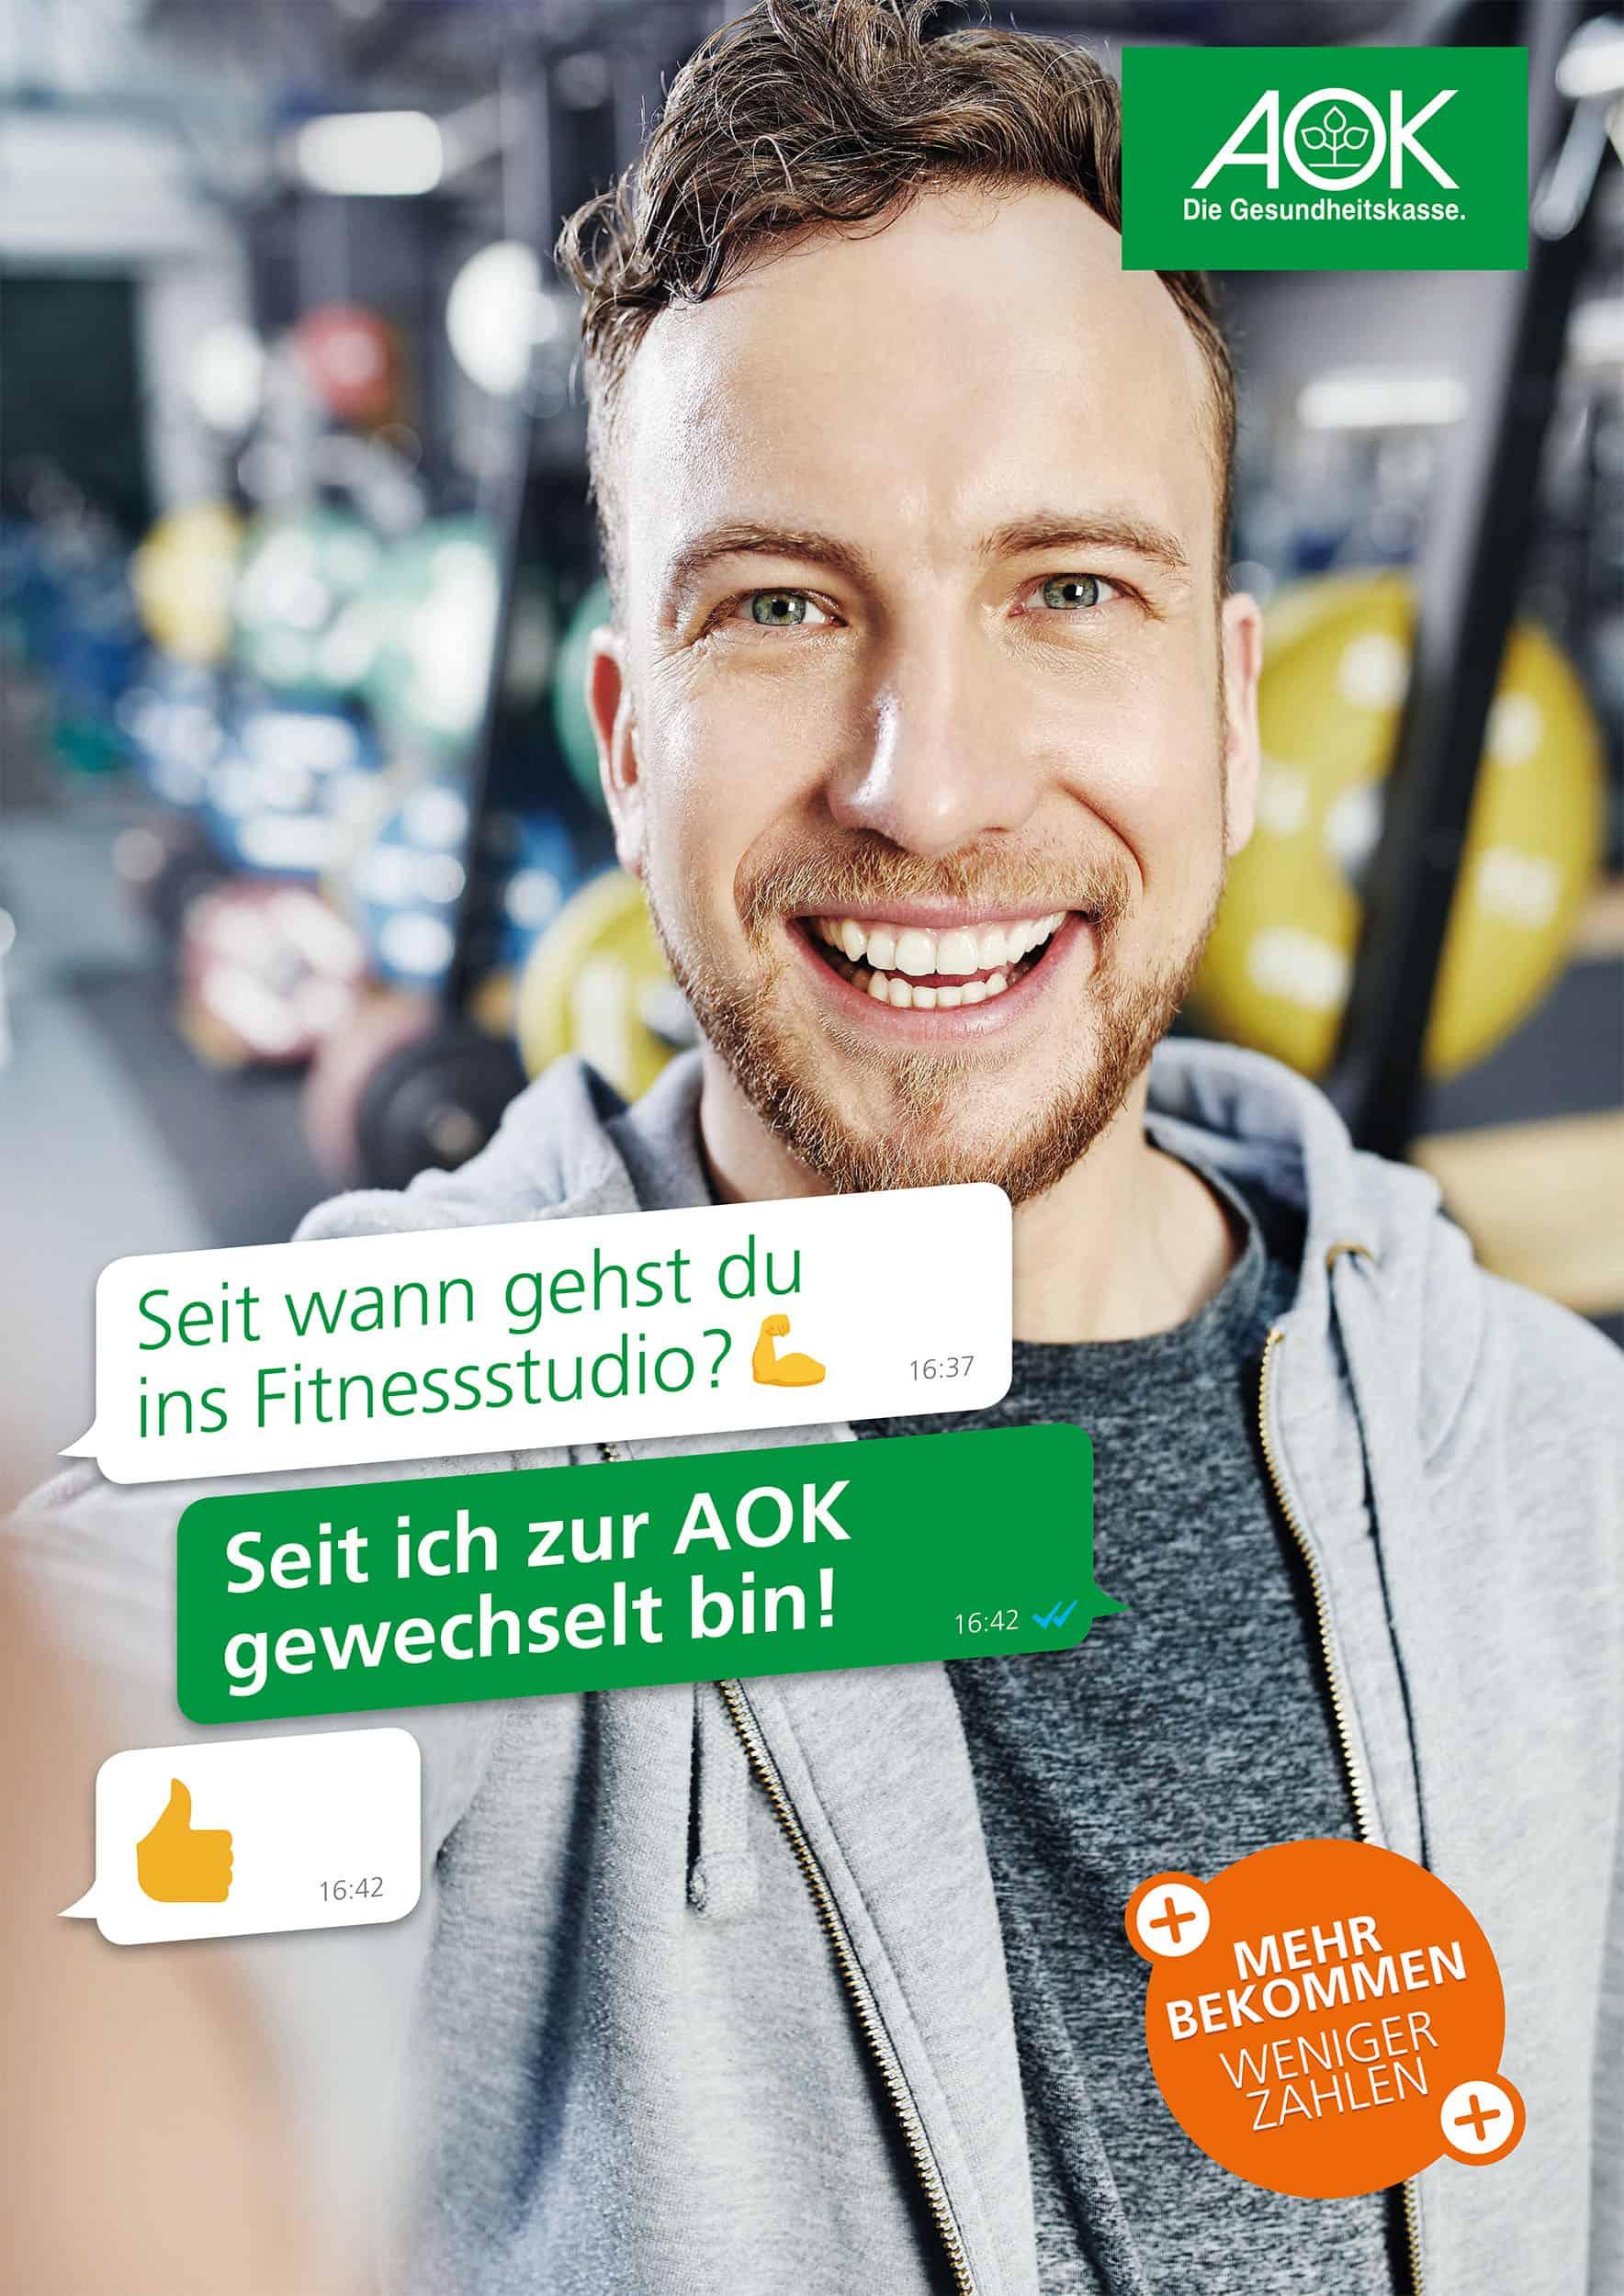 AOK_Jahrewechselkampagne_2019_A2_RZ_V2.indd